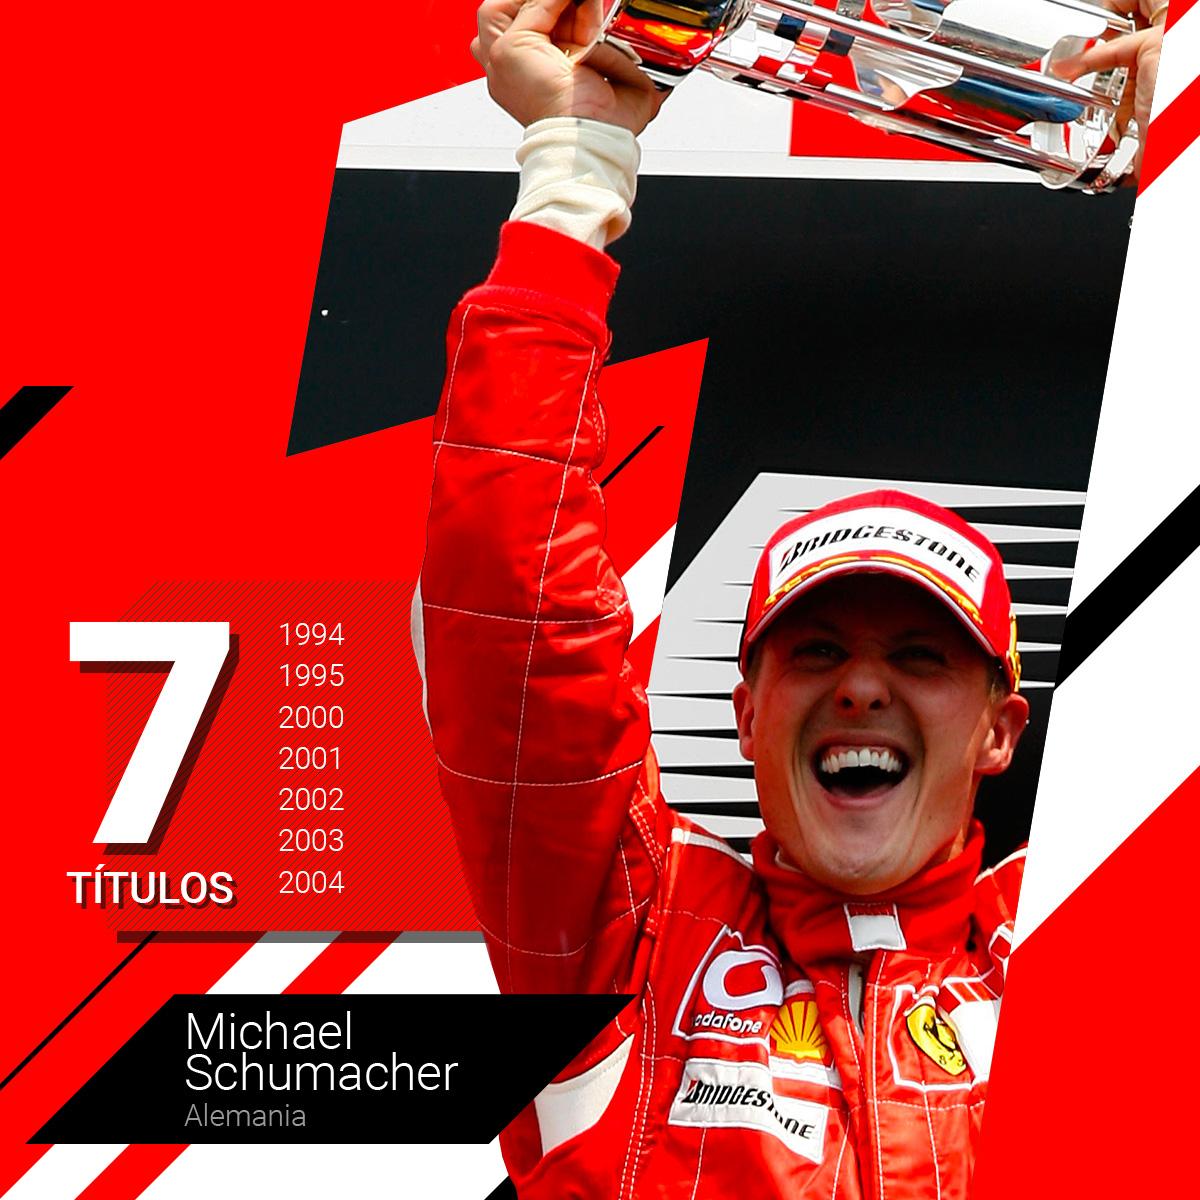 Michael Schumacher en sus años glorias de gloria con la escudería Ferrari